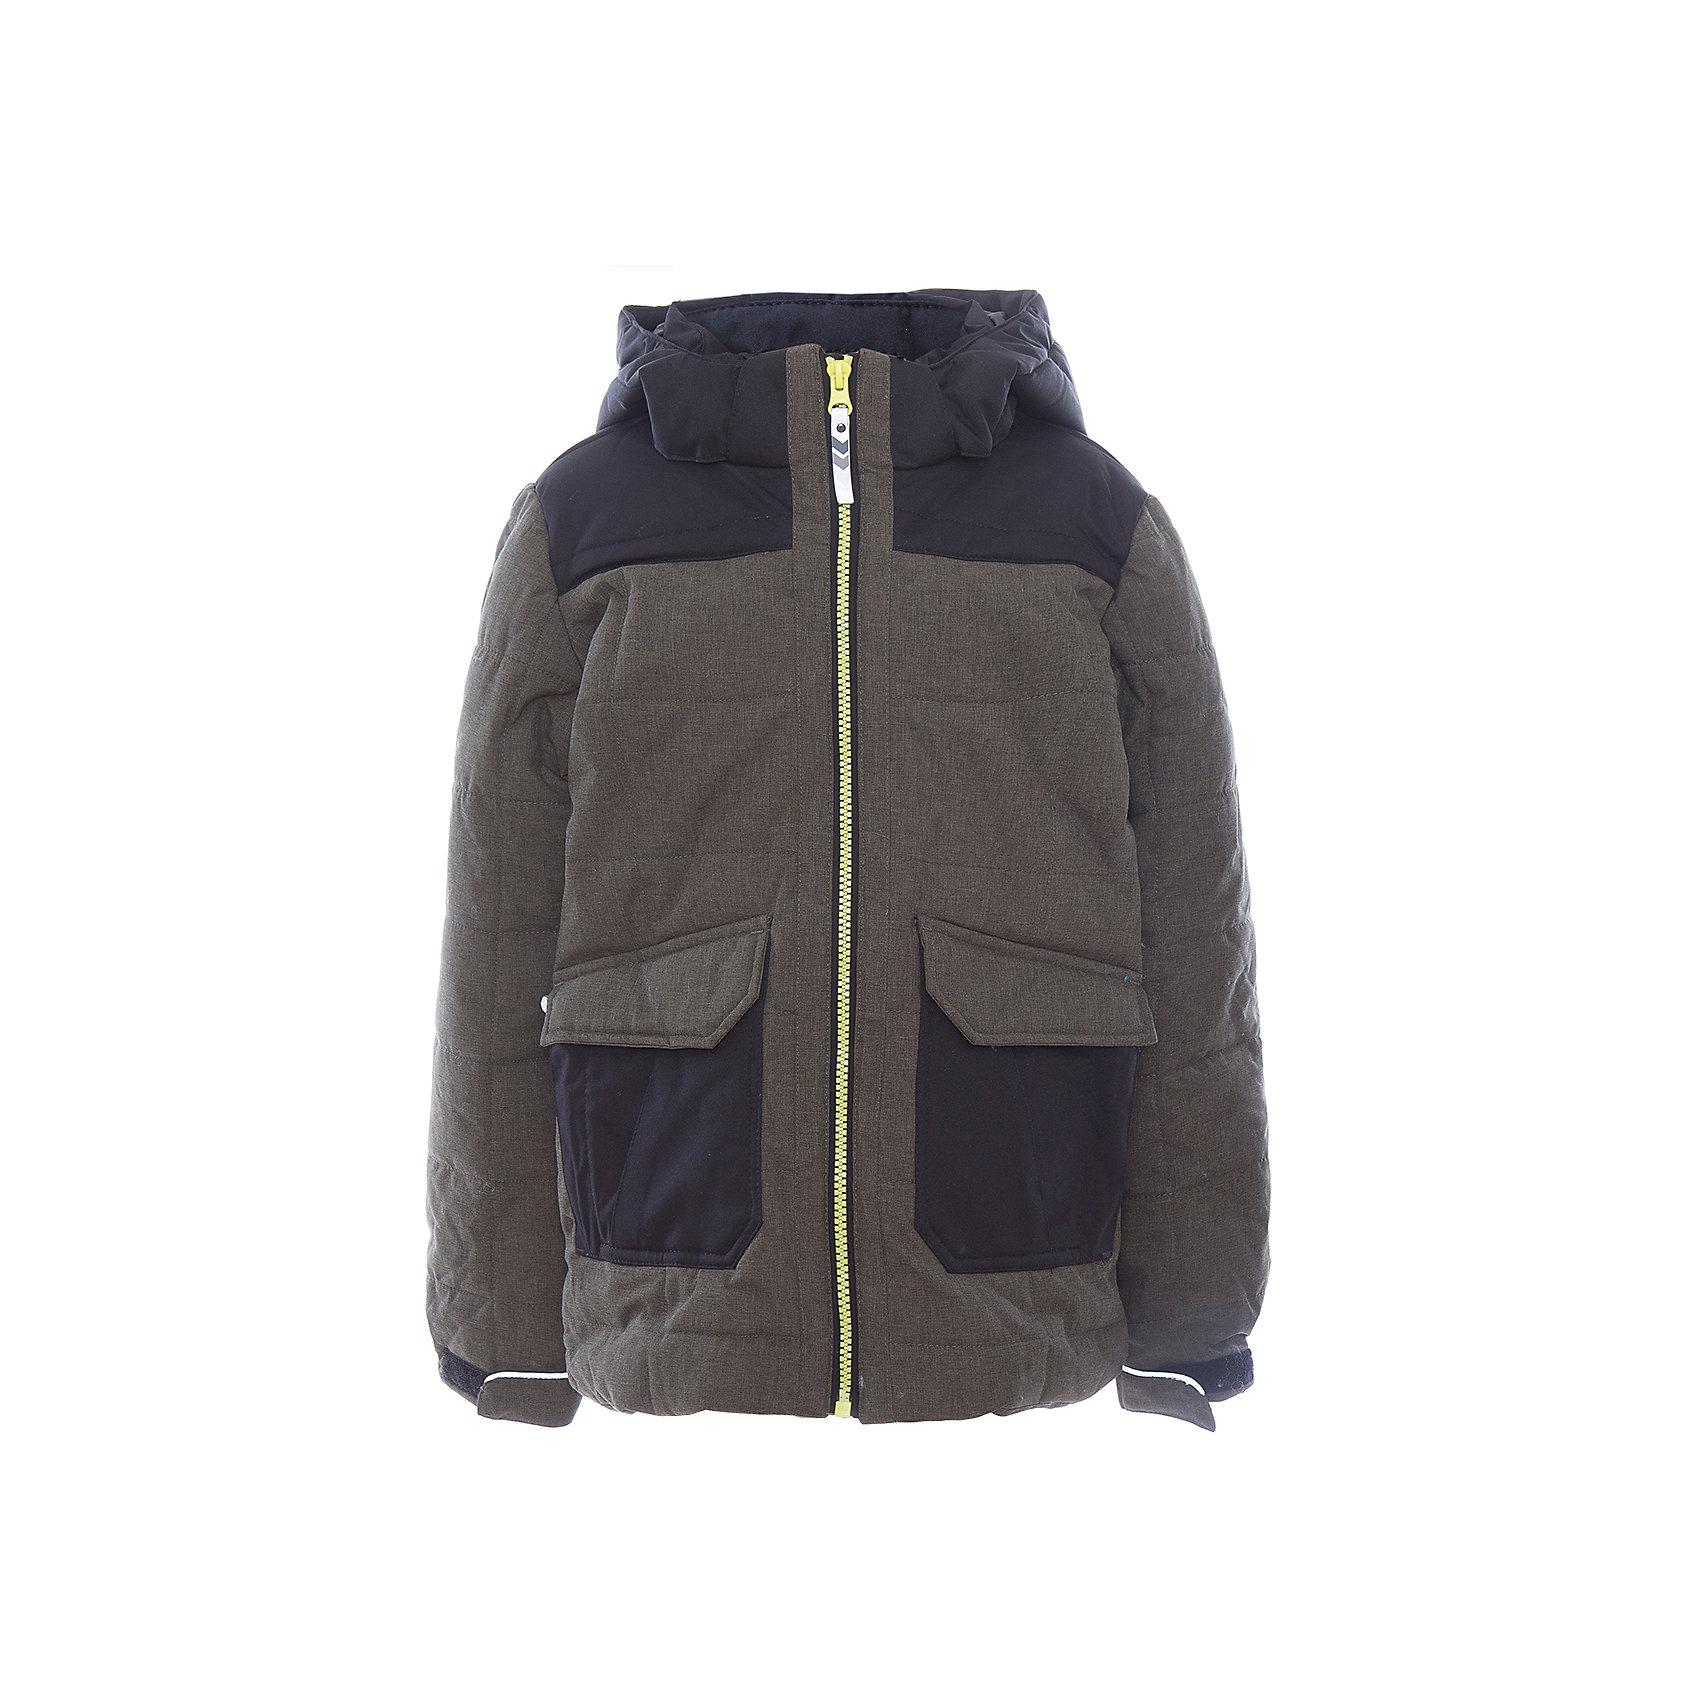 Куртка для мальчика ICEPEAKОдежда<br>Куртка для мальчика от известного бренда ICEPEAK.<br>Куртка с отстегивающимся капюшоном, материал куртки состоит из двух типов ткани: карманы и плечевая часть и капюшон -однотонная ткань, остальная часть куртки -ткань меланж, сформированный локоть, утяжка в нижней части куртки, регулируемый манжет на липучке, карман в левой части куртки на молнии, утепленные и мягкие боковые карманы на молнии, мягкий и теплый внутренний воротник, светоотражающие элементы, искусственный утеплитель Finnwad, утепление 220/220 гр., рекомендуемый температурный режим до -30 град.,Icetech 3 000/3000, 2-layer, Children's safety, Reflectors<br>Состав:<br>100% полиэстер<br><br>Ширина мм: 356<br>Глубина мм: 10<br>Высота мм: 245<br>Вес г: 519<br>Цвет: зеленый<br>Возраст от месяцев: 156<br>Возраст до месяцев: 168<br>Пол: Мужской<br>Возраст: Детский<br>Размер: 164,176,128,140<br>SKU: 5413926